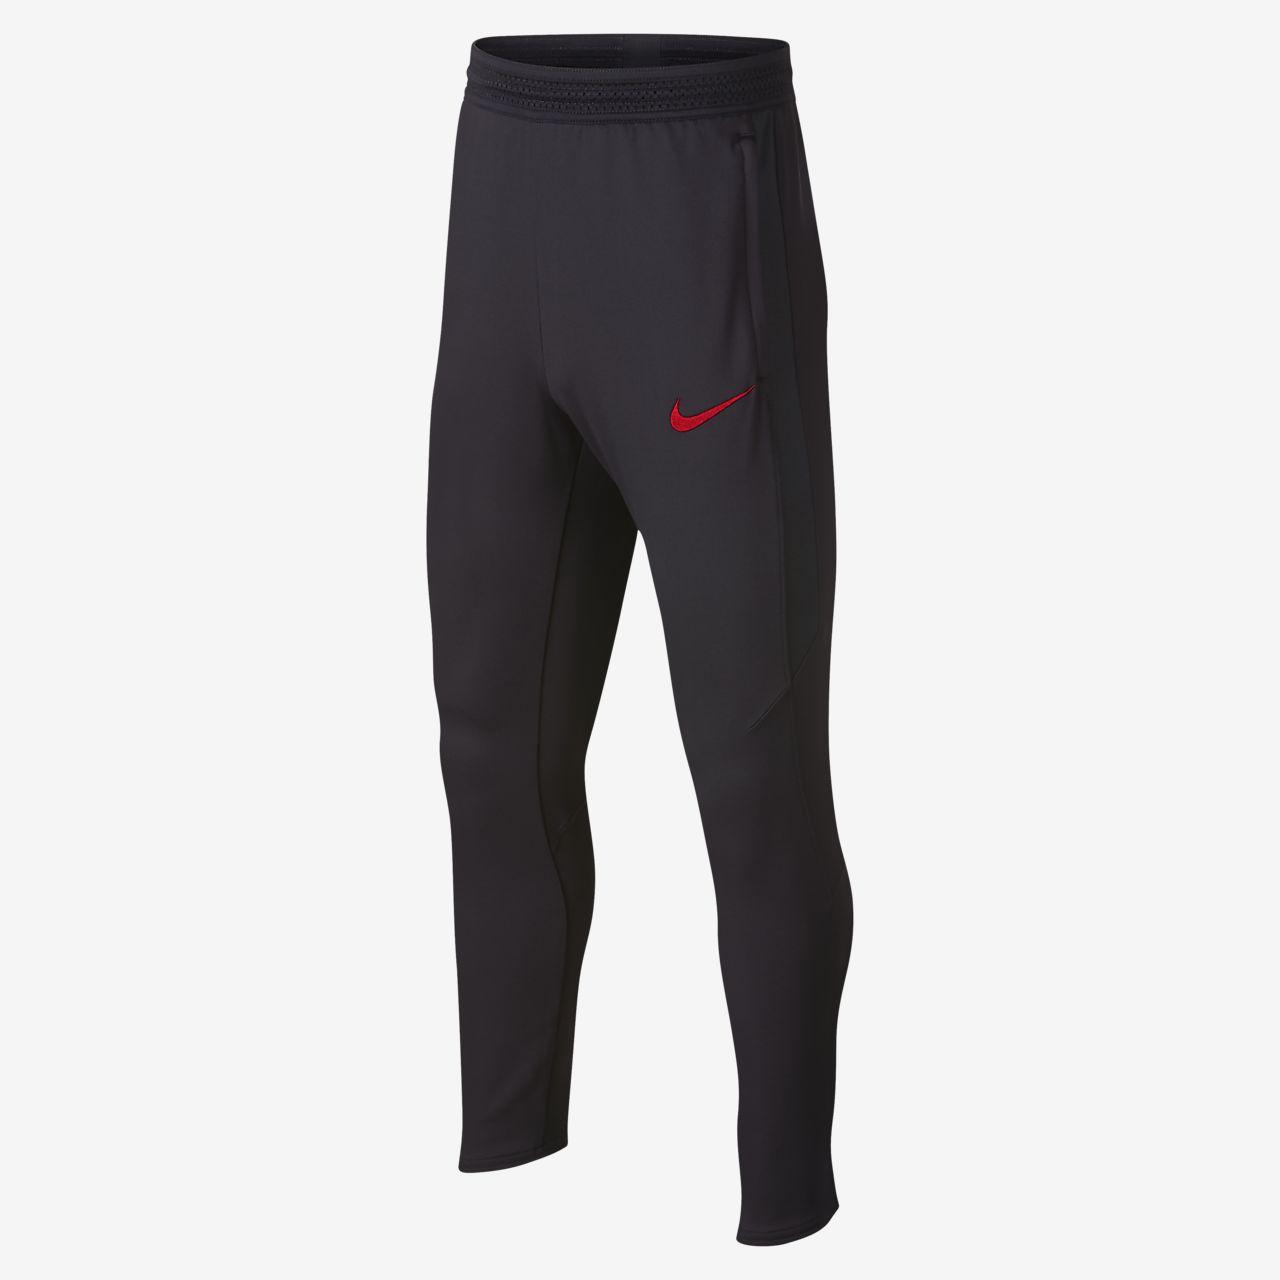 PSG Dri-FIT Strike Pantalón de fútbol - Niño/a